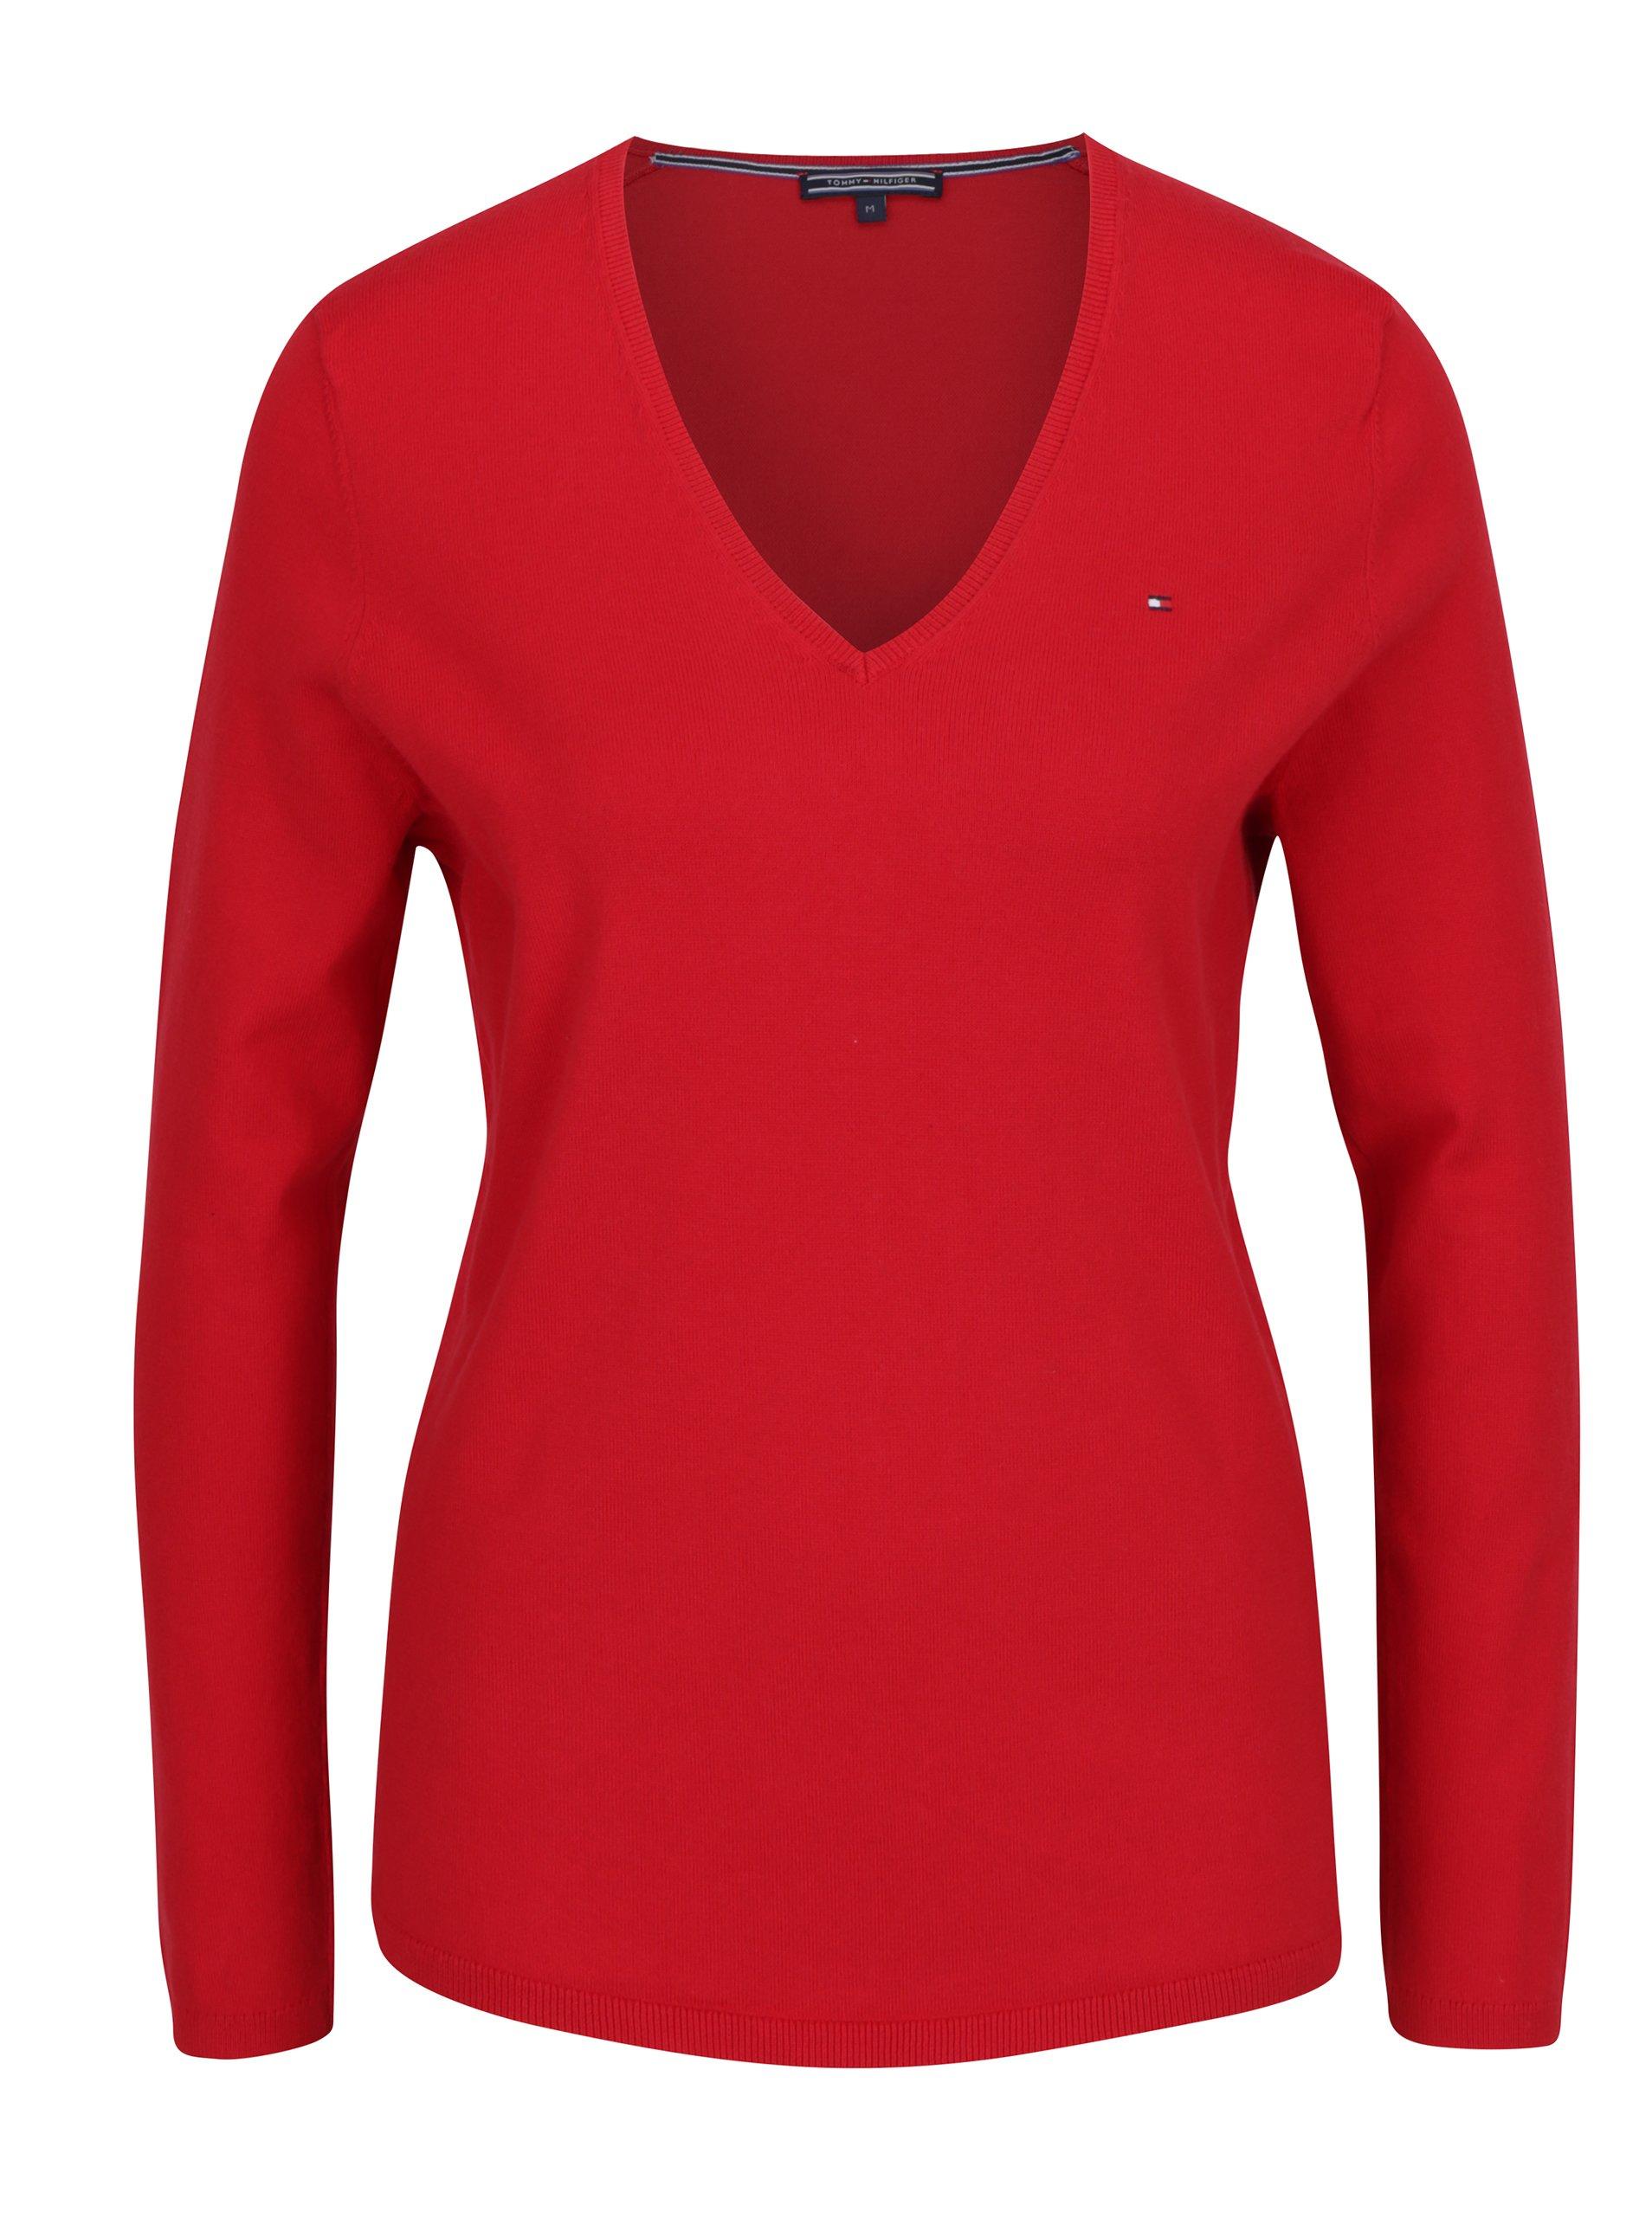 53c842a6cb Červený dámsky sveter s véčkovým výstrihom Tommy Hilfiger New Ivy ...